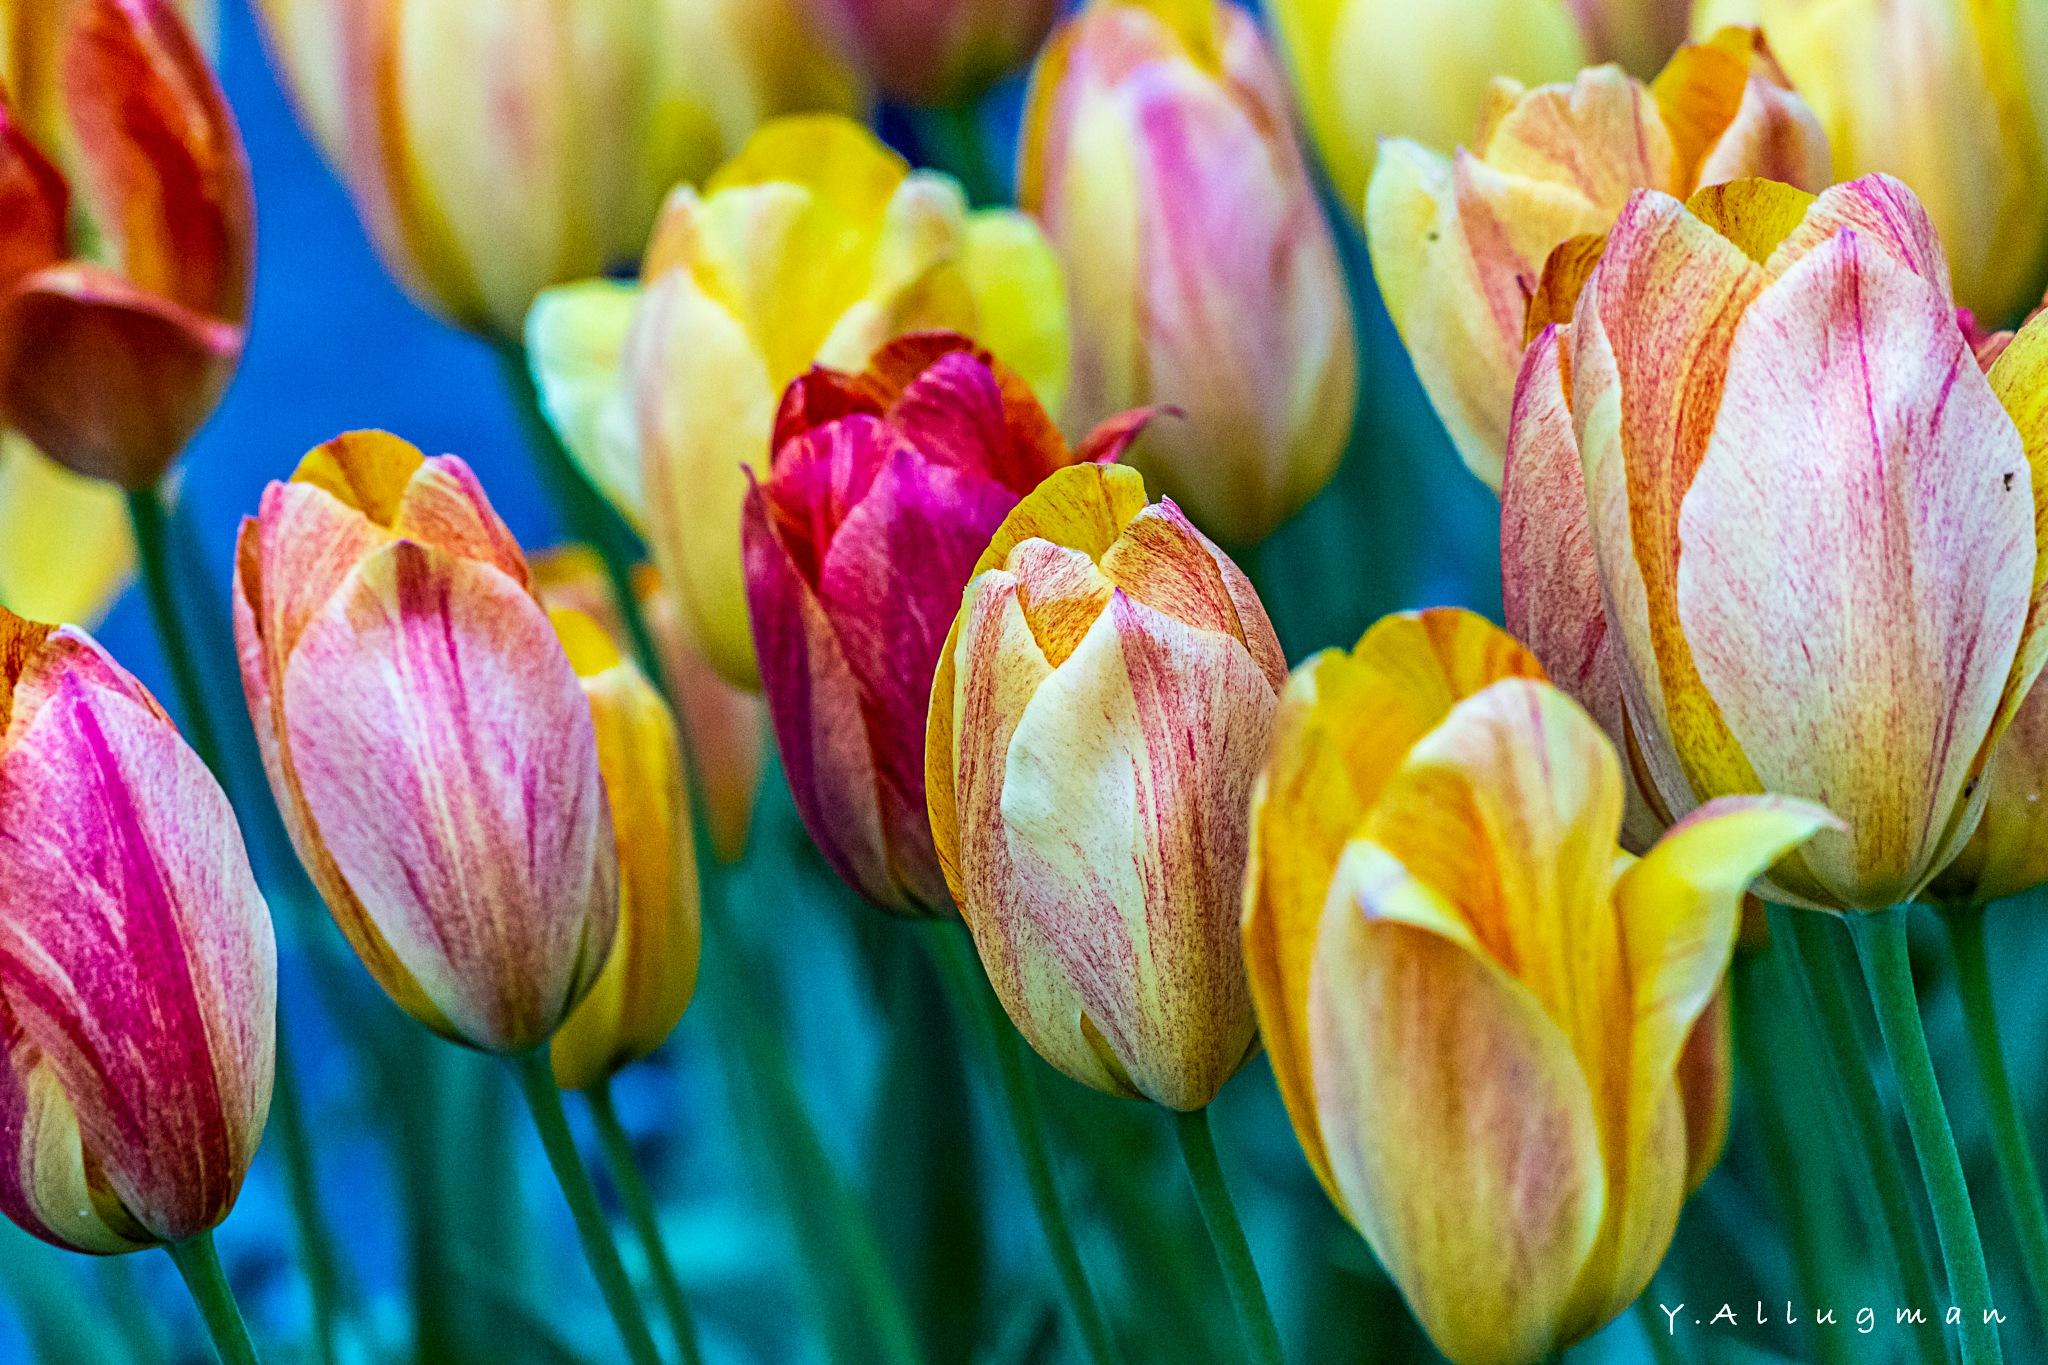 The Rose Garden - Amsterdam 1 by Y.Allugman